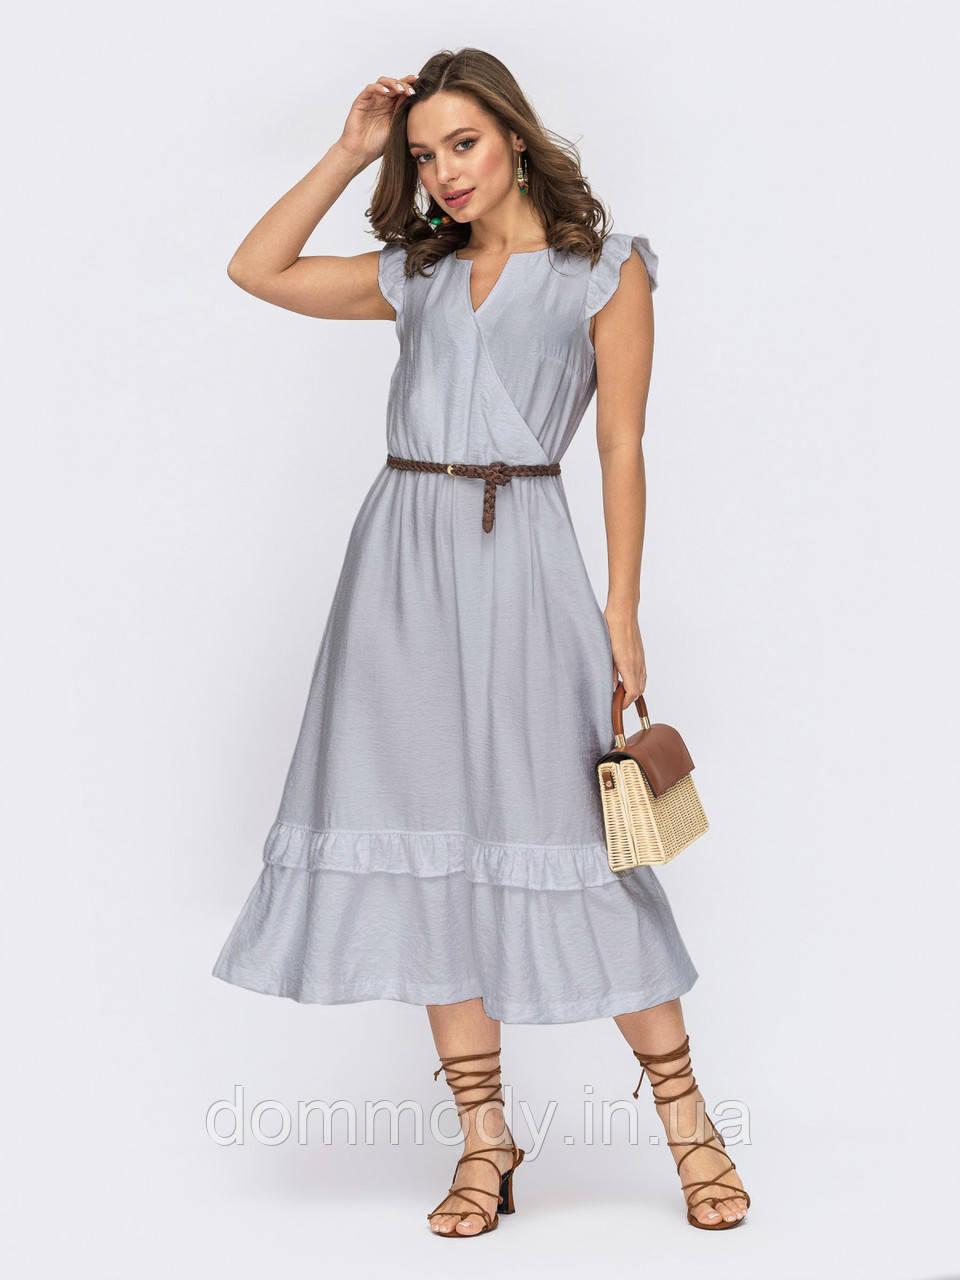 Женское летнее платье-бохо серого цвета